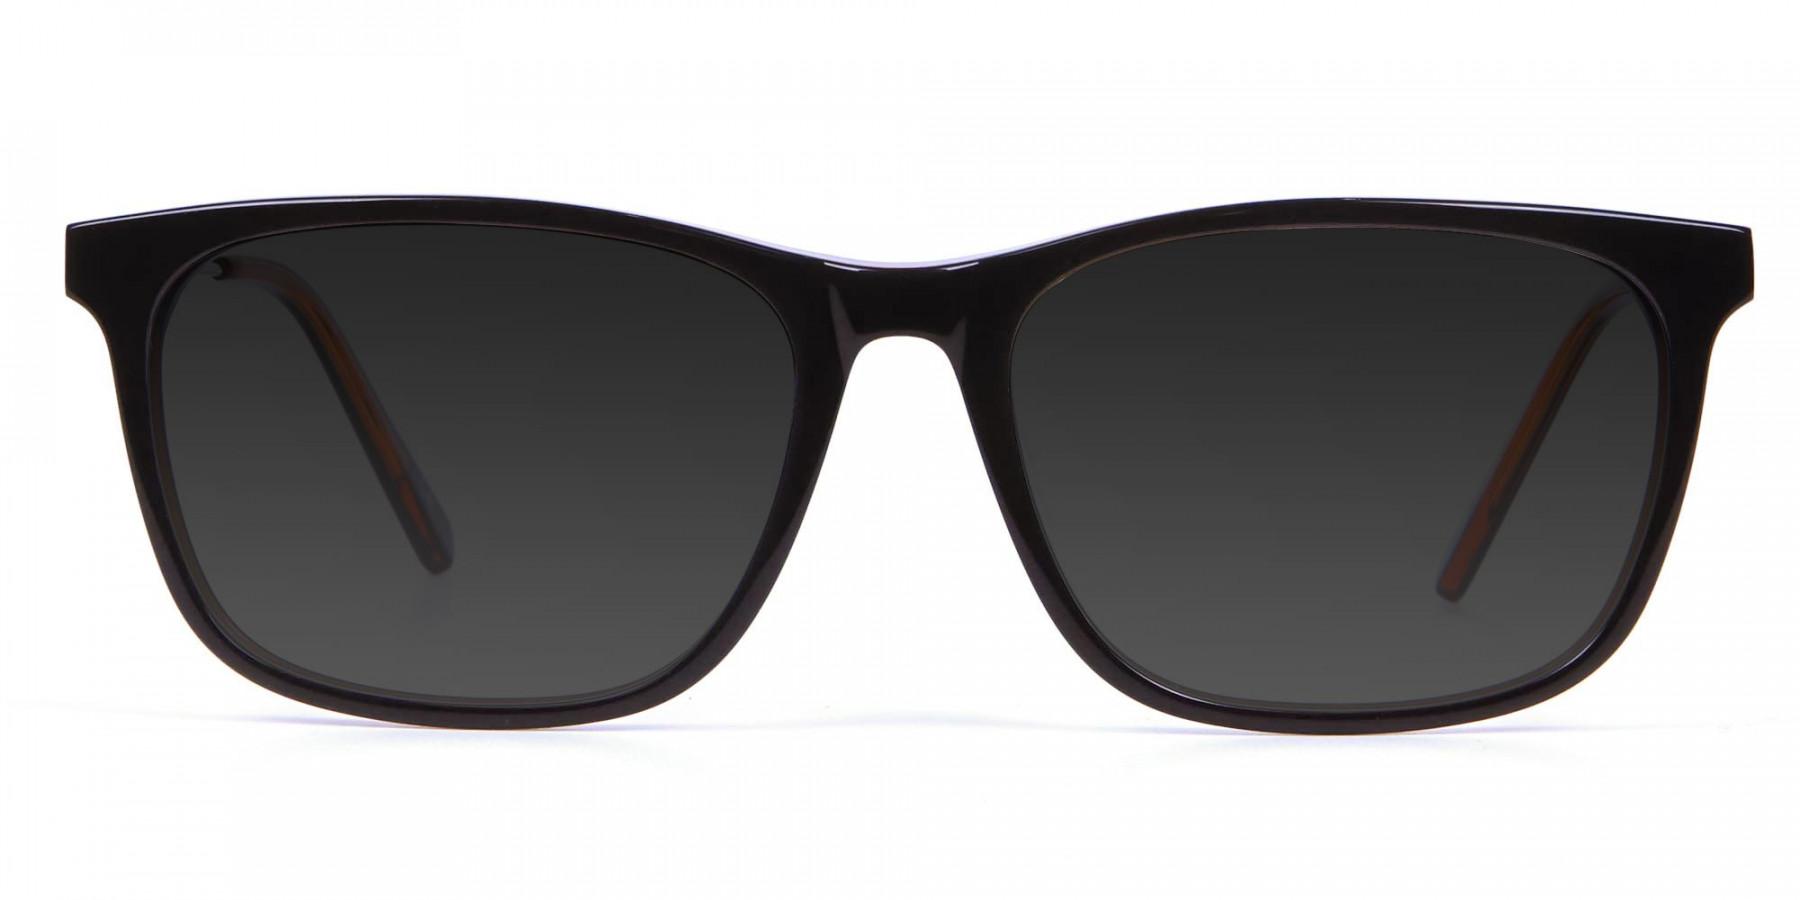 Multicolor Frame Sunglasses - 3